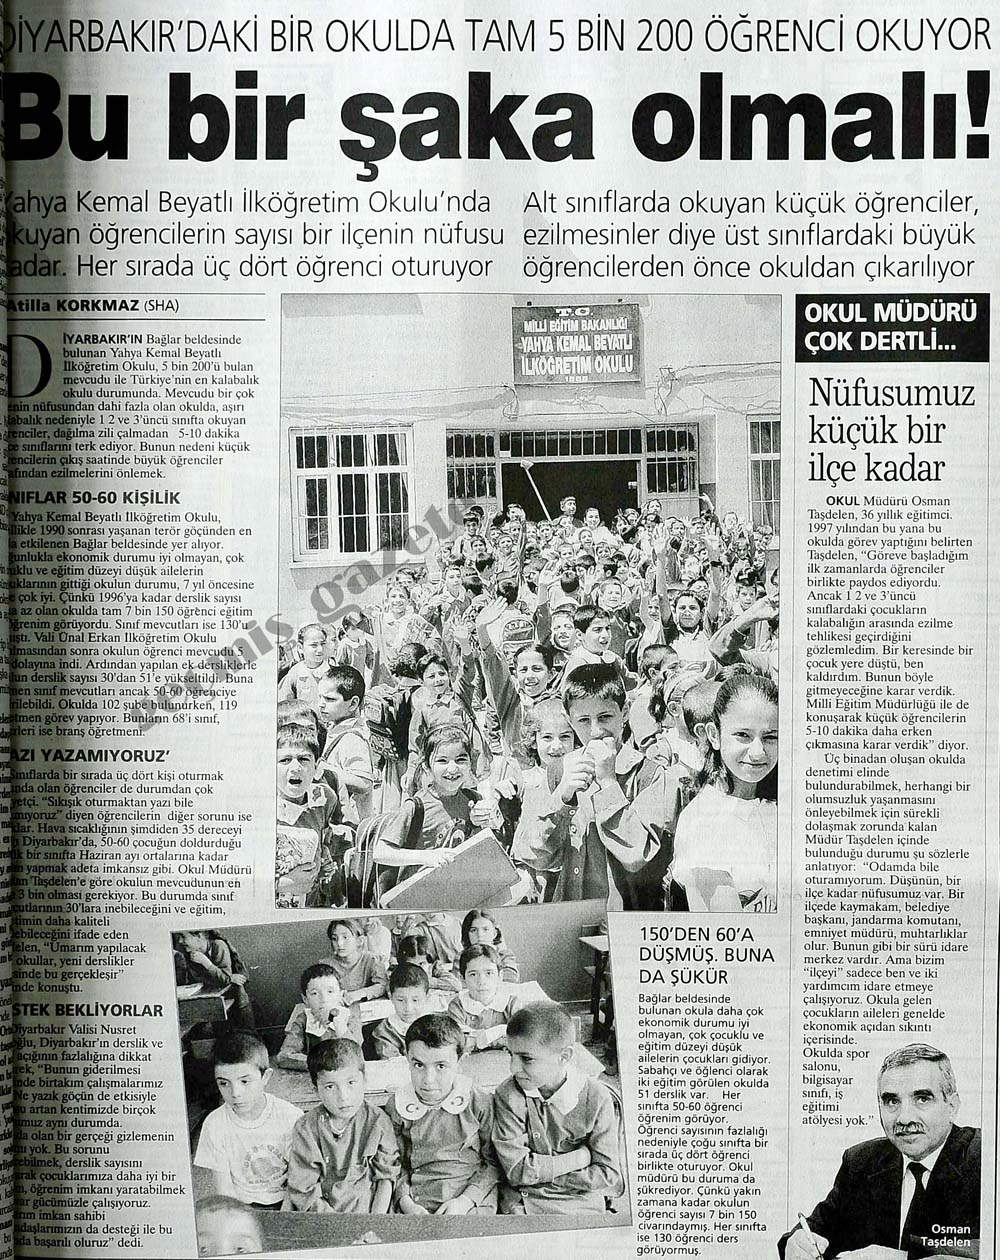 Diyarbakır'daki bir okulda tam 5 bin 200 öğrenci okuyor